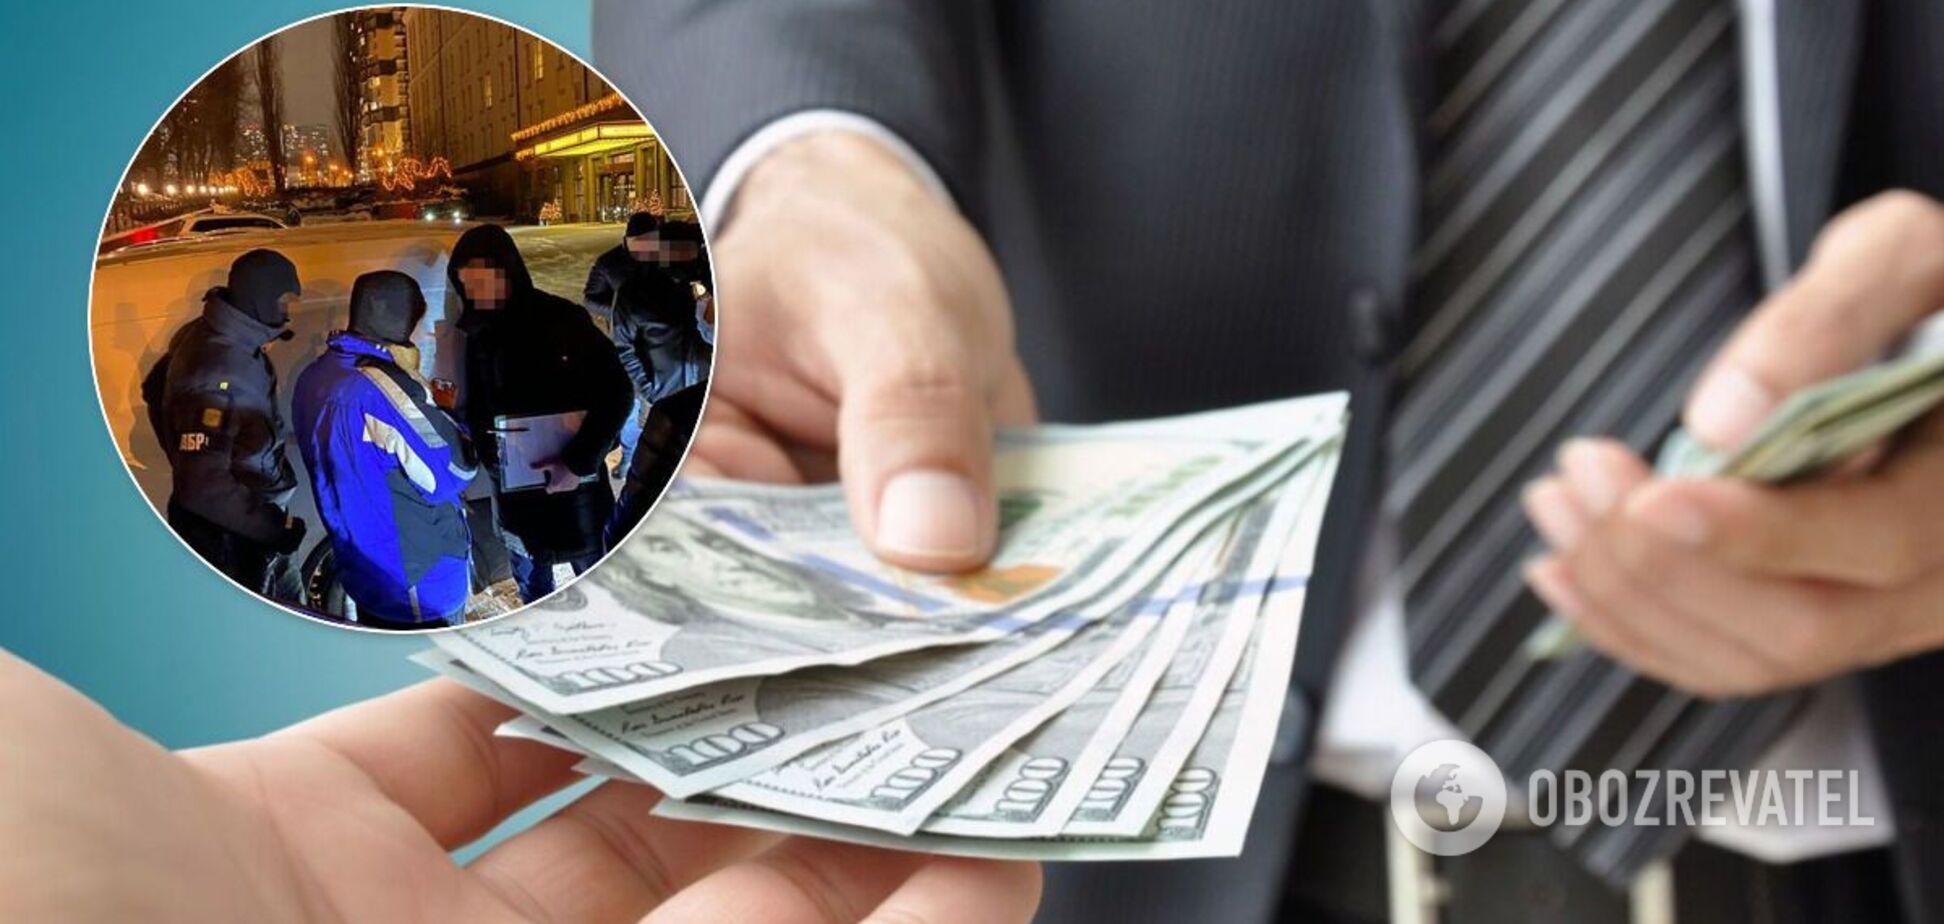 Місце в Офісі президента намагалися продати за $200 тисяч: поліція затримала 'посередника'